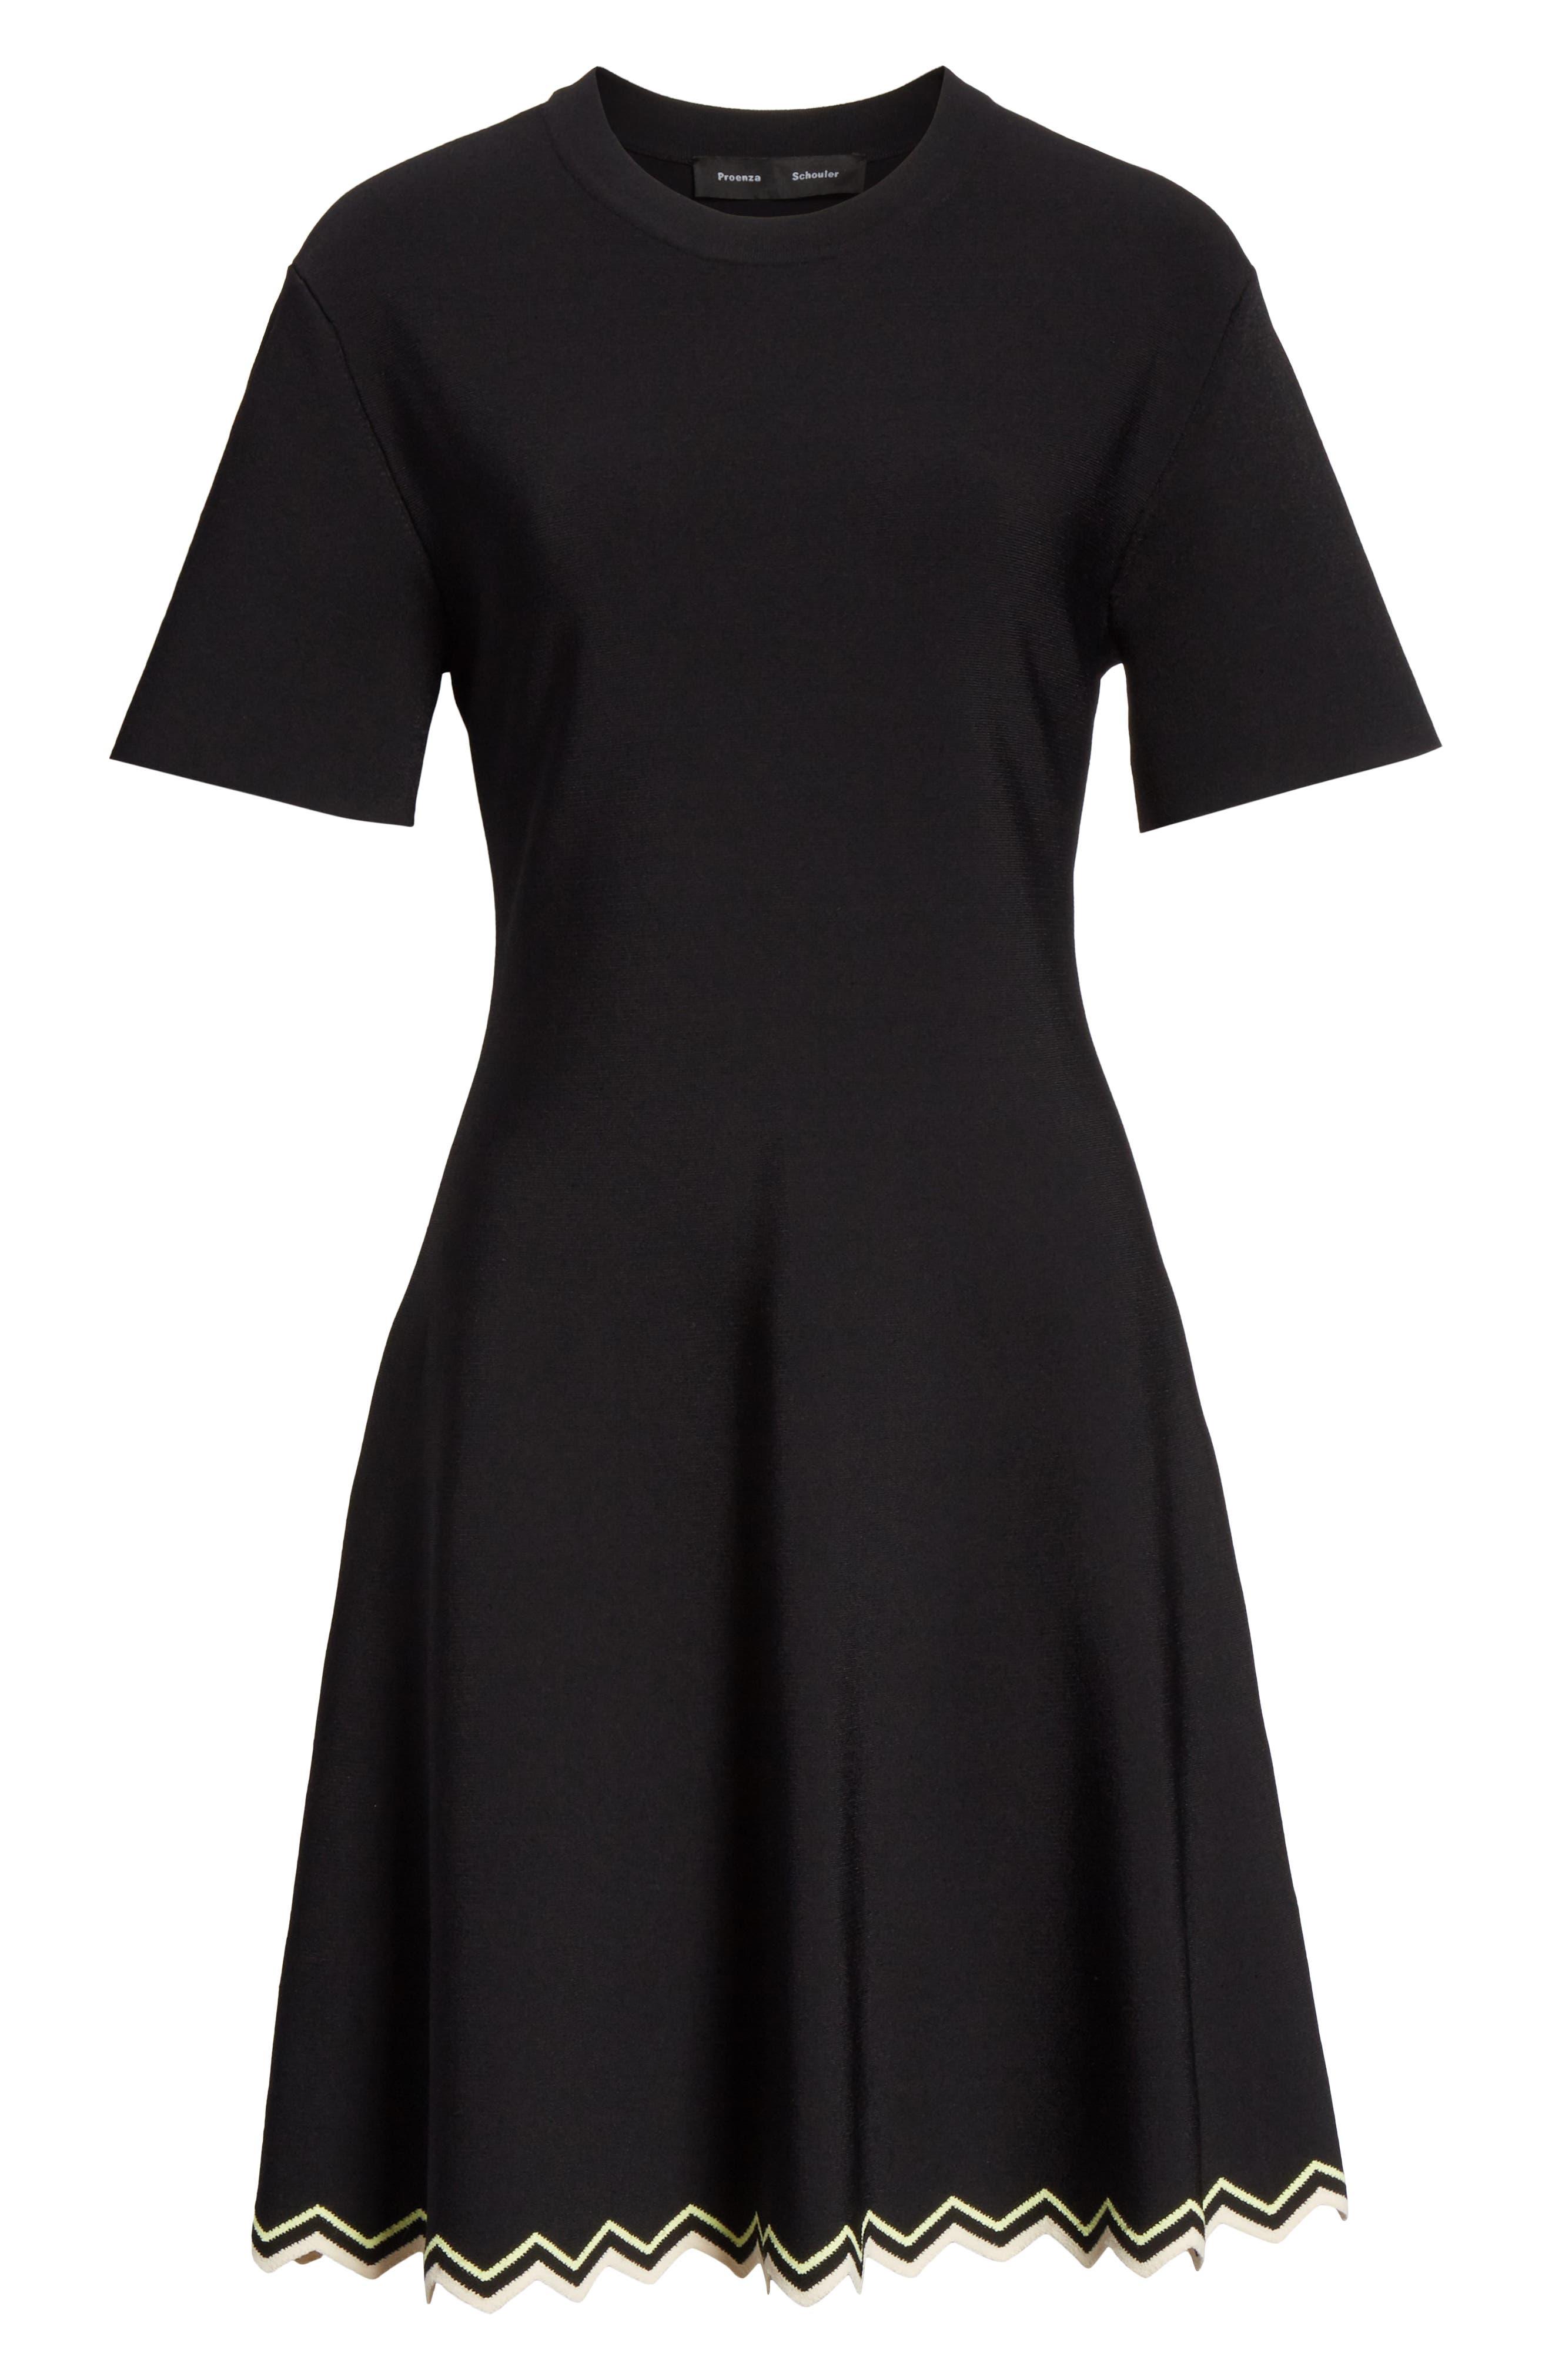 Chevron Hem A-Line Dress,                             Alternate thumbnail 7, color,                             10225 BLACK COMBO